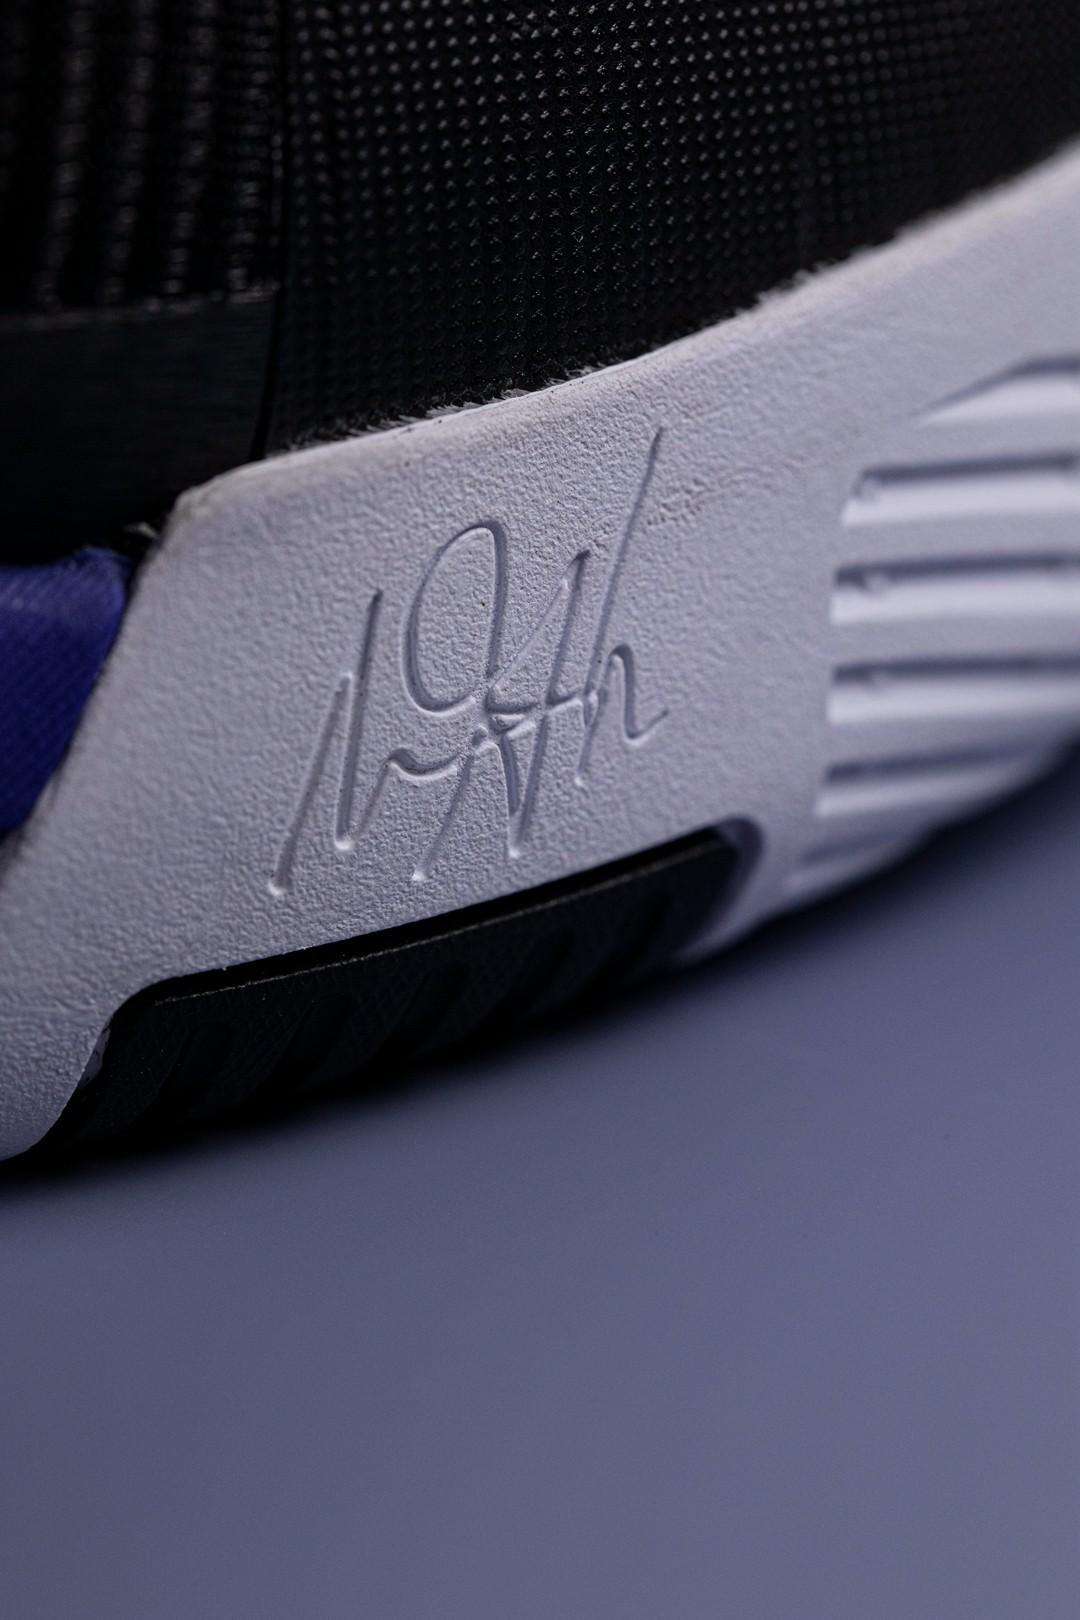 禅3,361°  四百元档「黑马新鞋」!突发登场同价位都慌了!这颜值真不错!